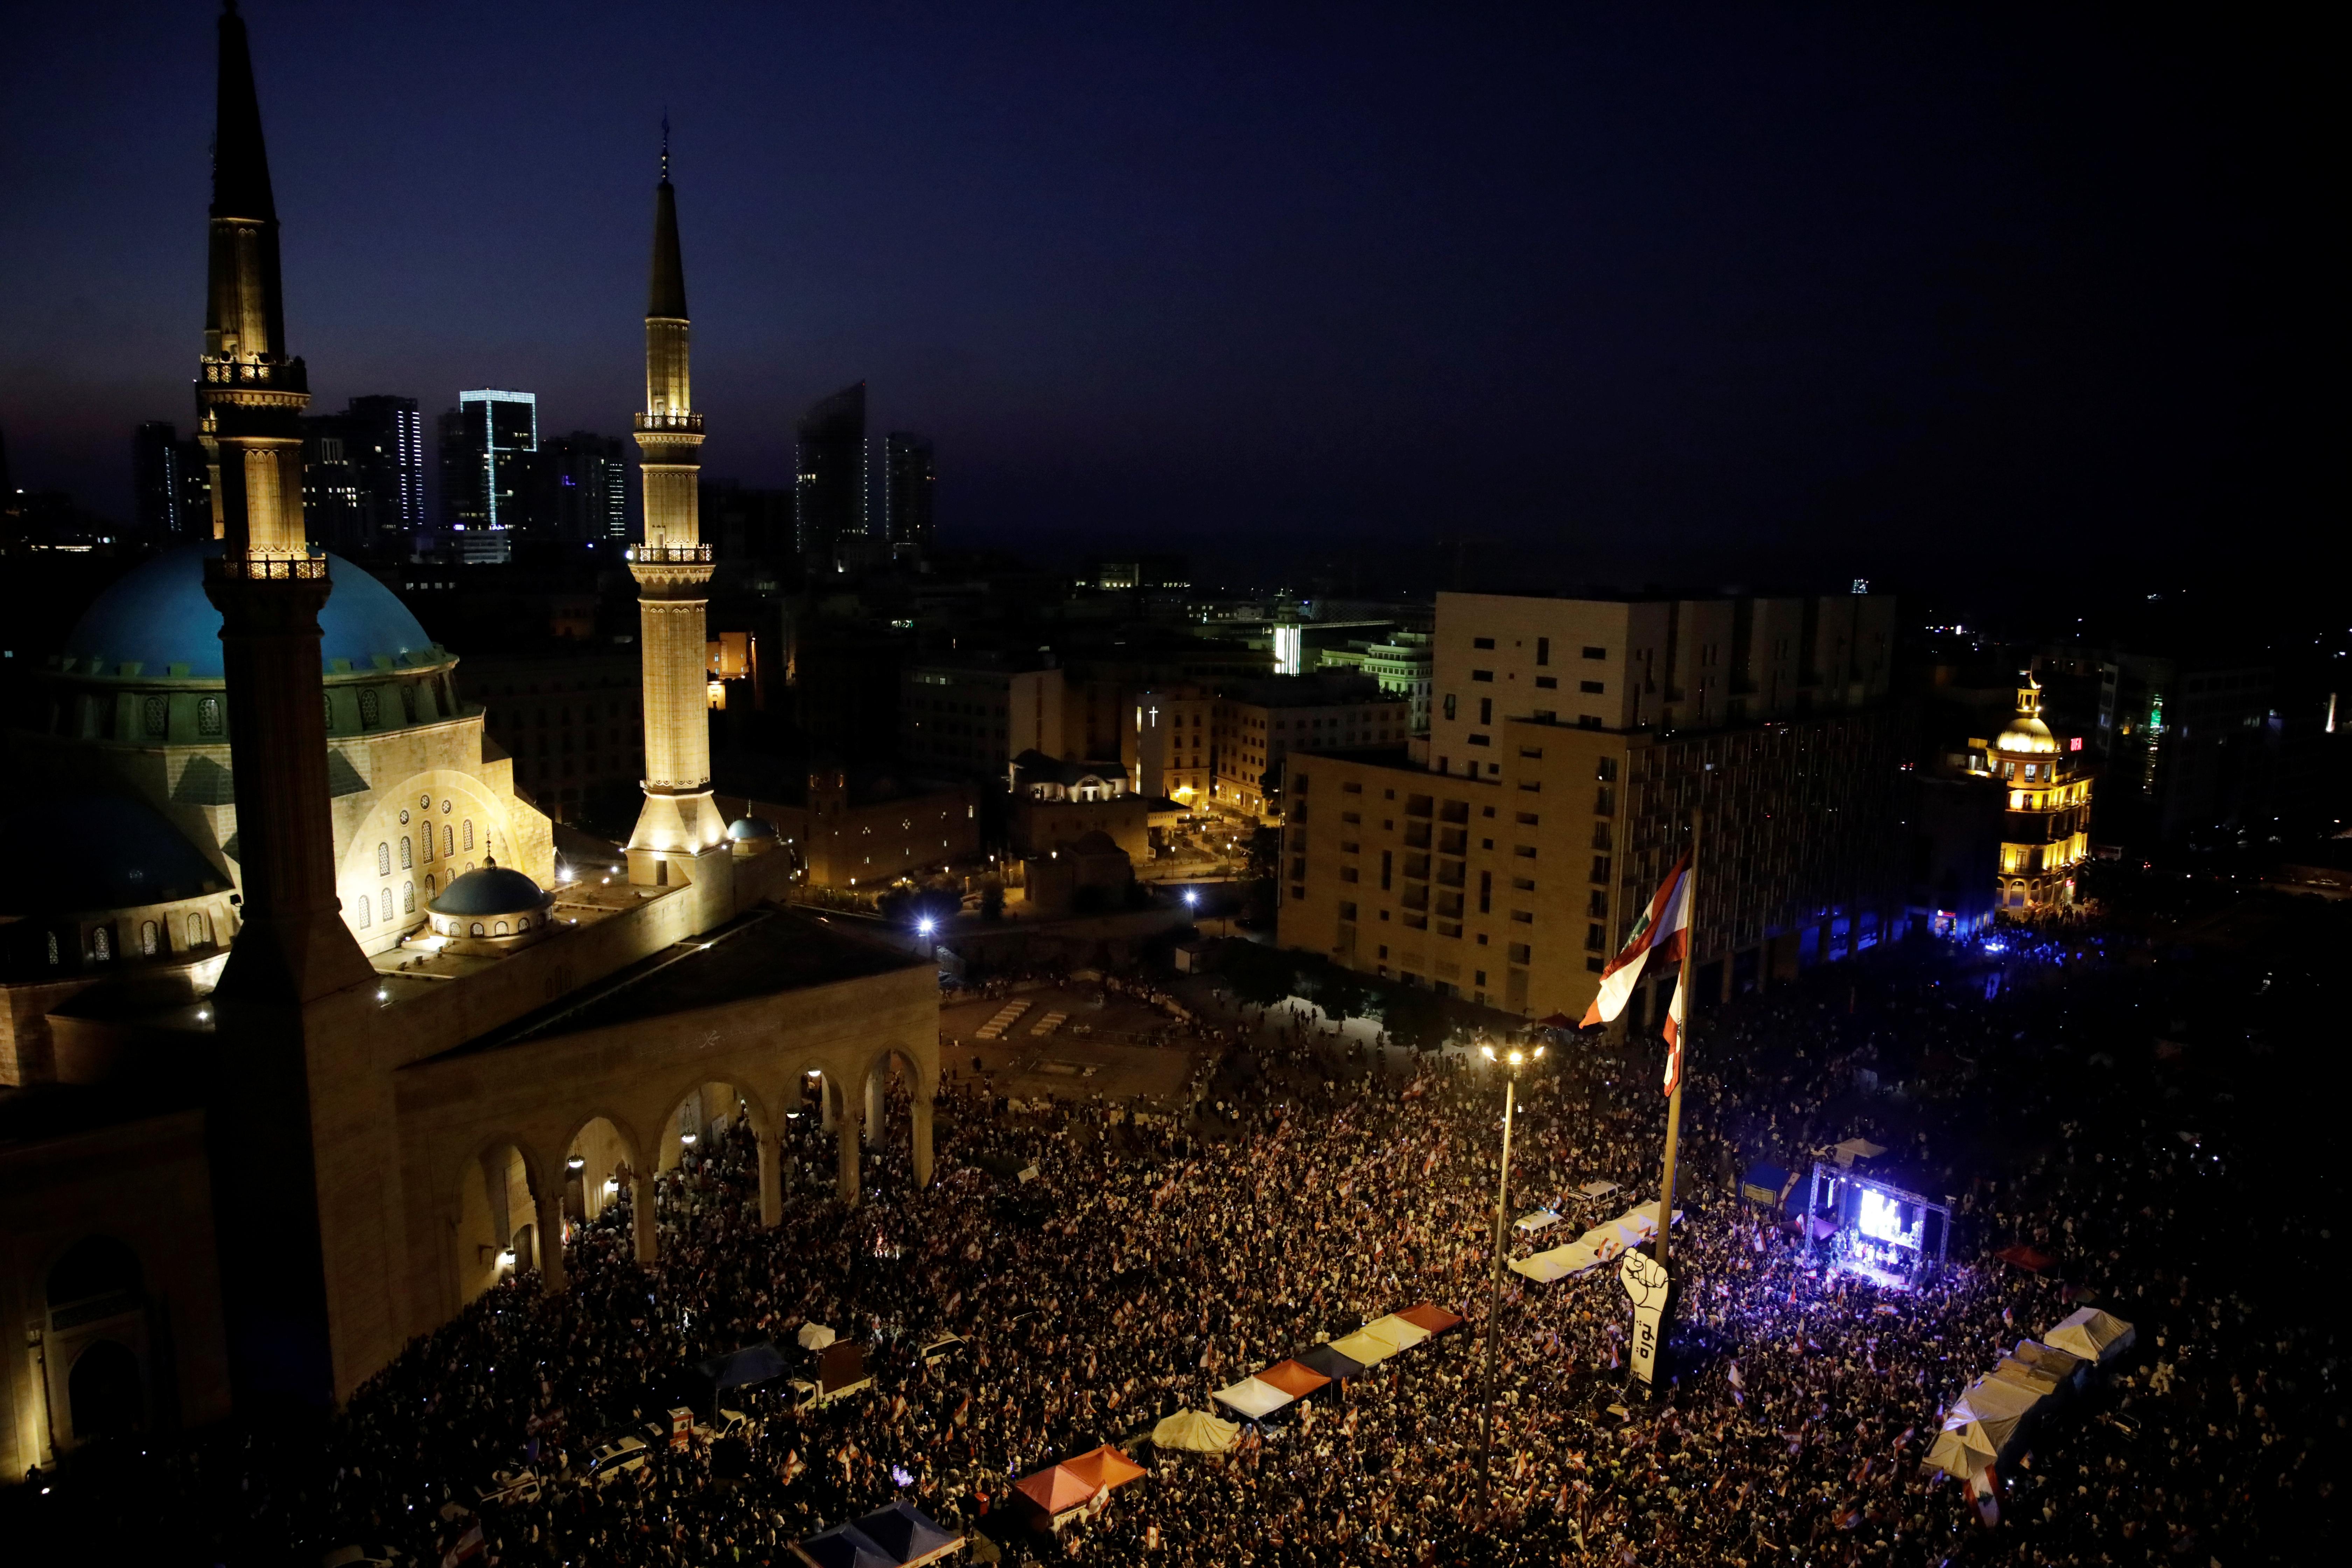 محتجون في ساحة الشهداء في بيروت مساء الأحد 3 نوفمبر